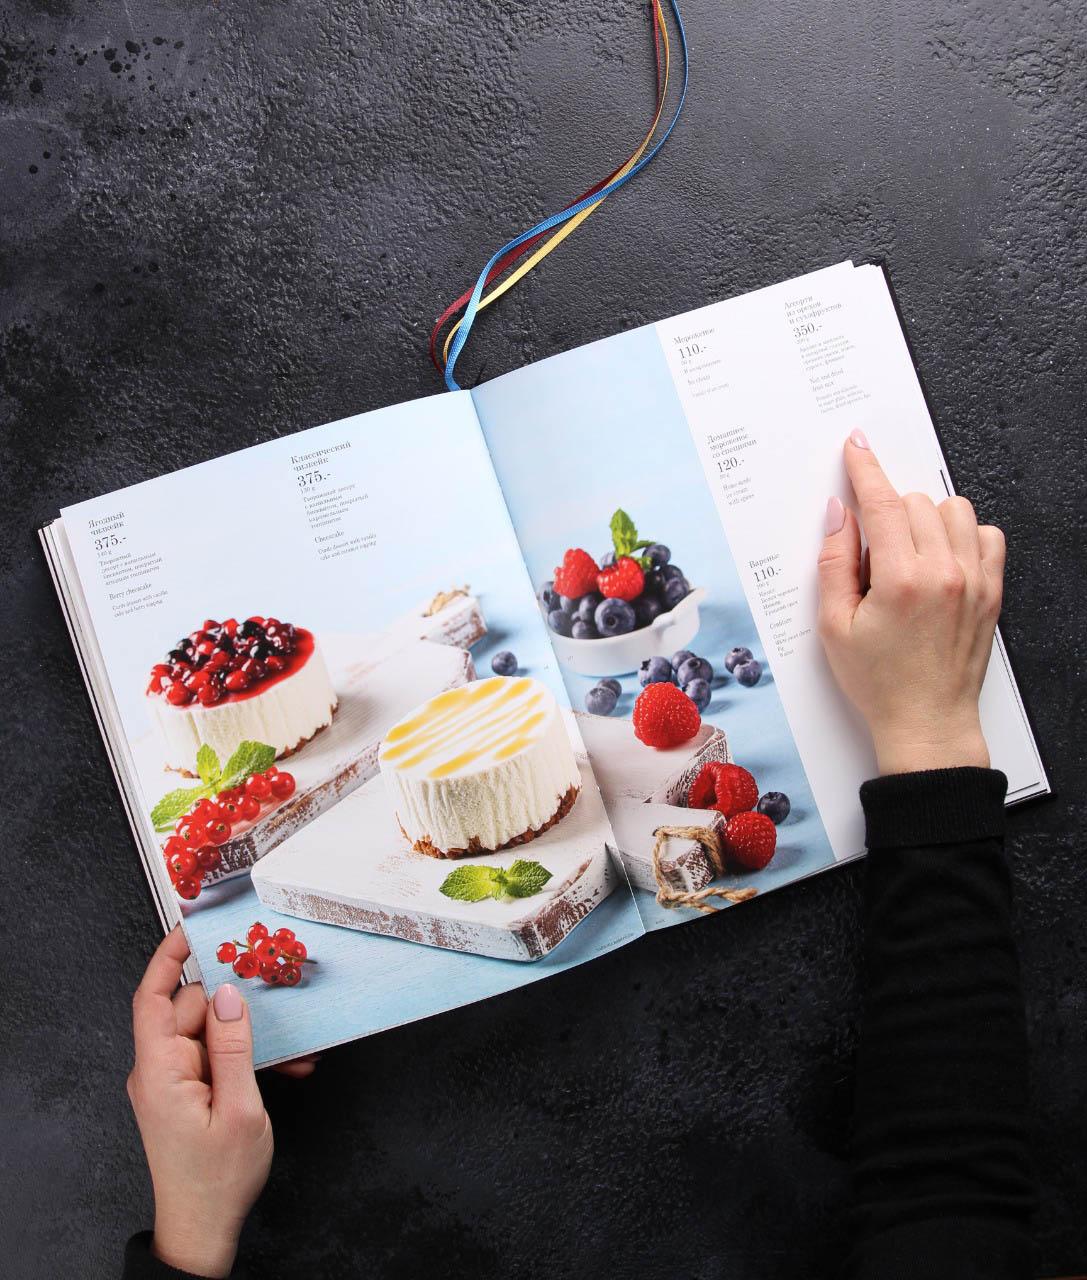 Десерты меню фотосъемка